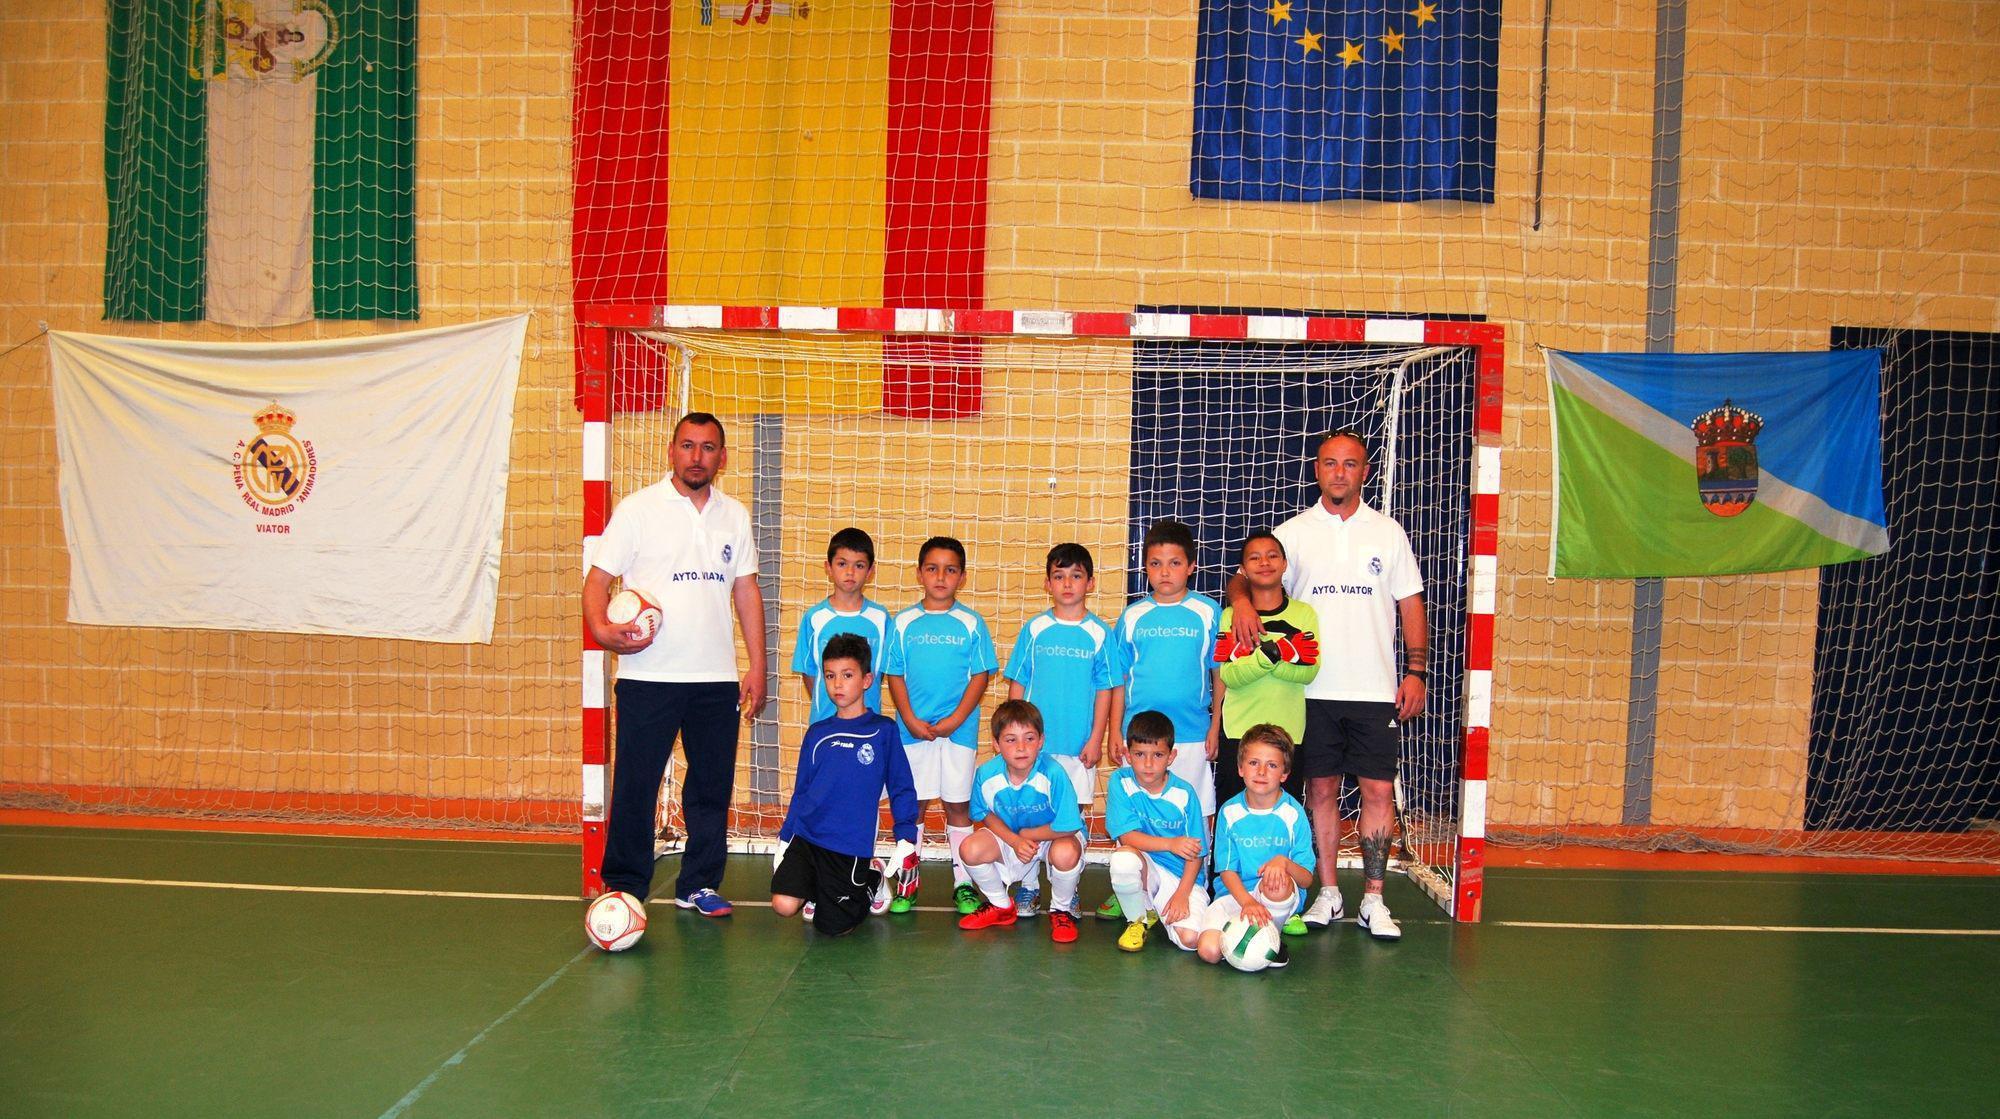 La Peña animadores Real Madrid de Viator, bronce en el Campeonato de Andalucía de fútbol sala prebenjamín